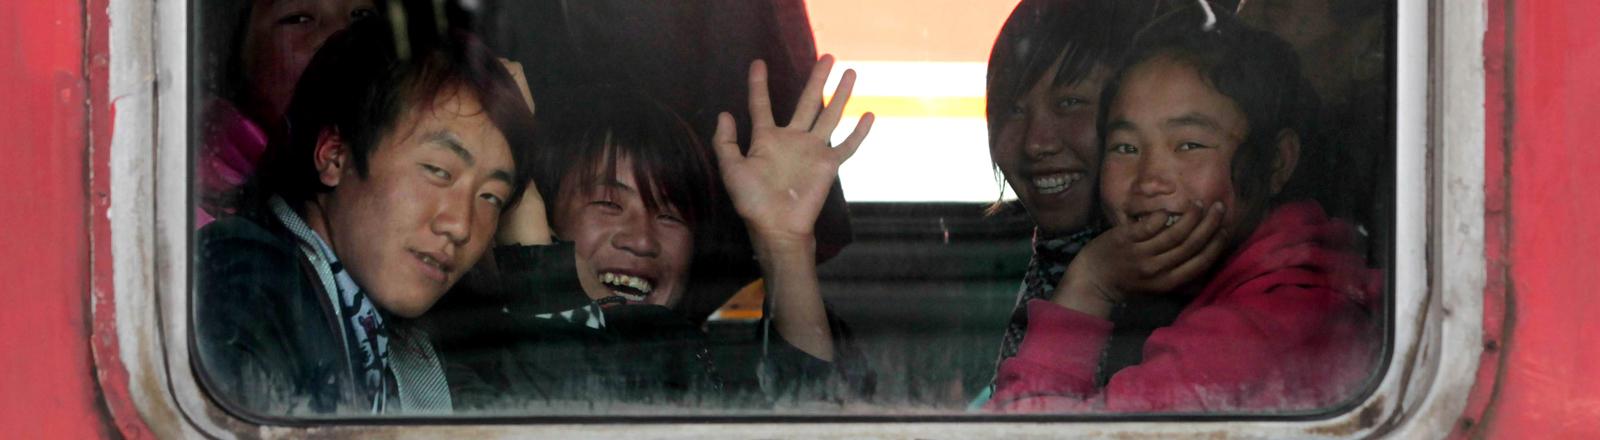 Junge Chinesen sitzen in einem Zugabteil und schauen aus dem Fenster.